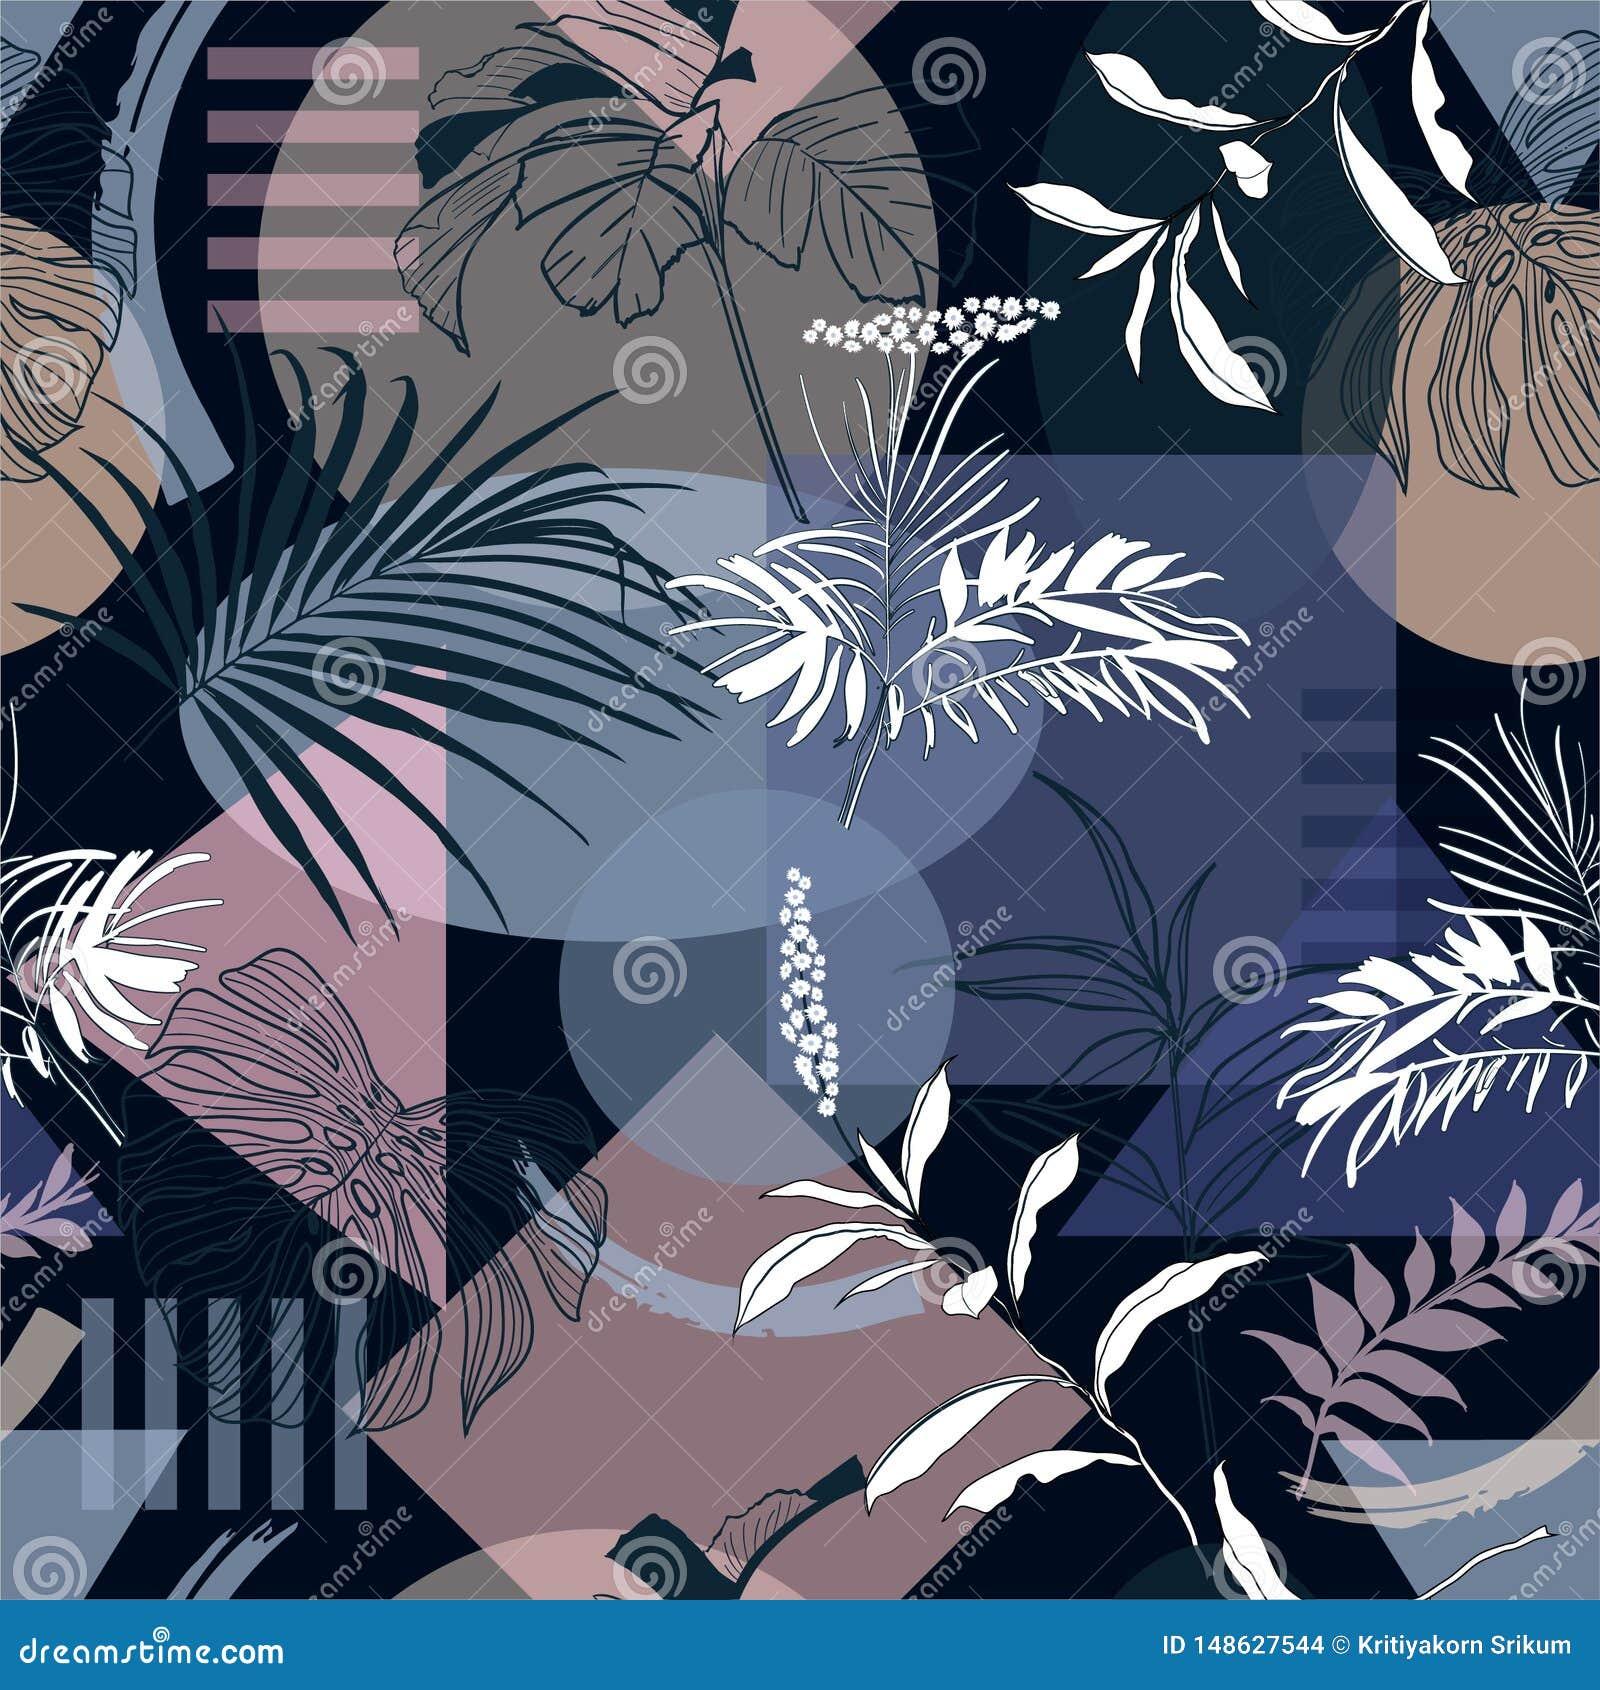 La noche de verano azul marino monótona de la forma geométrica con el bosque tropical deja a raya moderna del humor el modelo inc